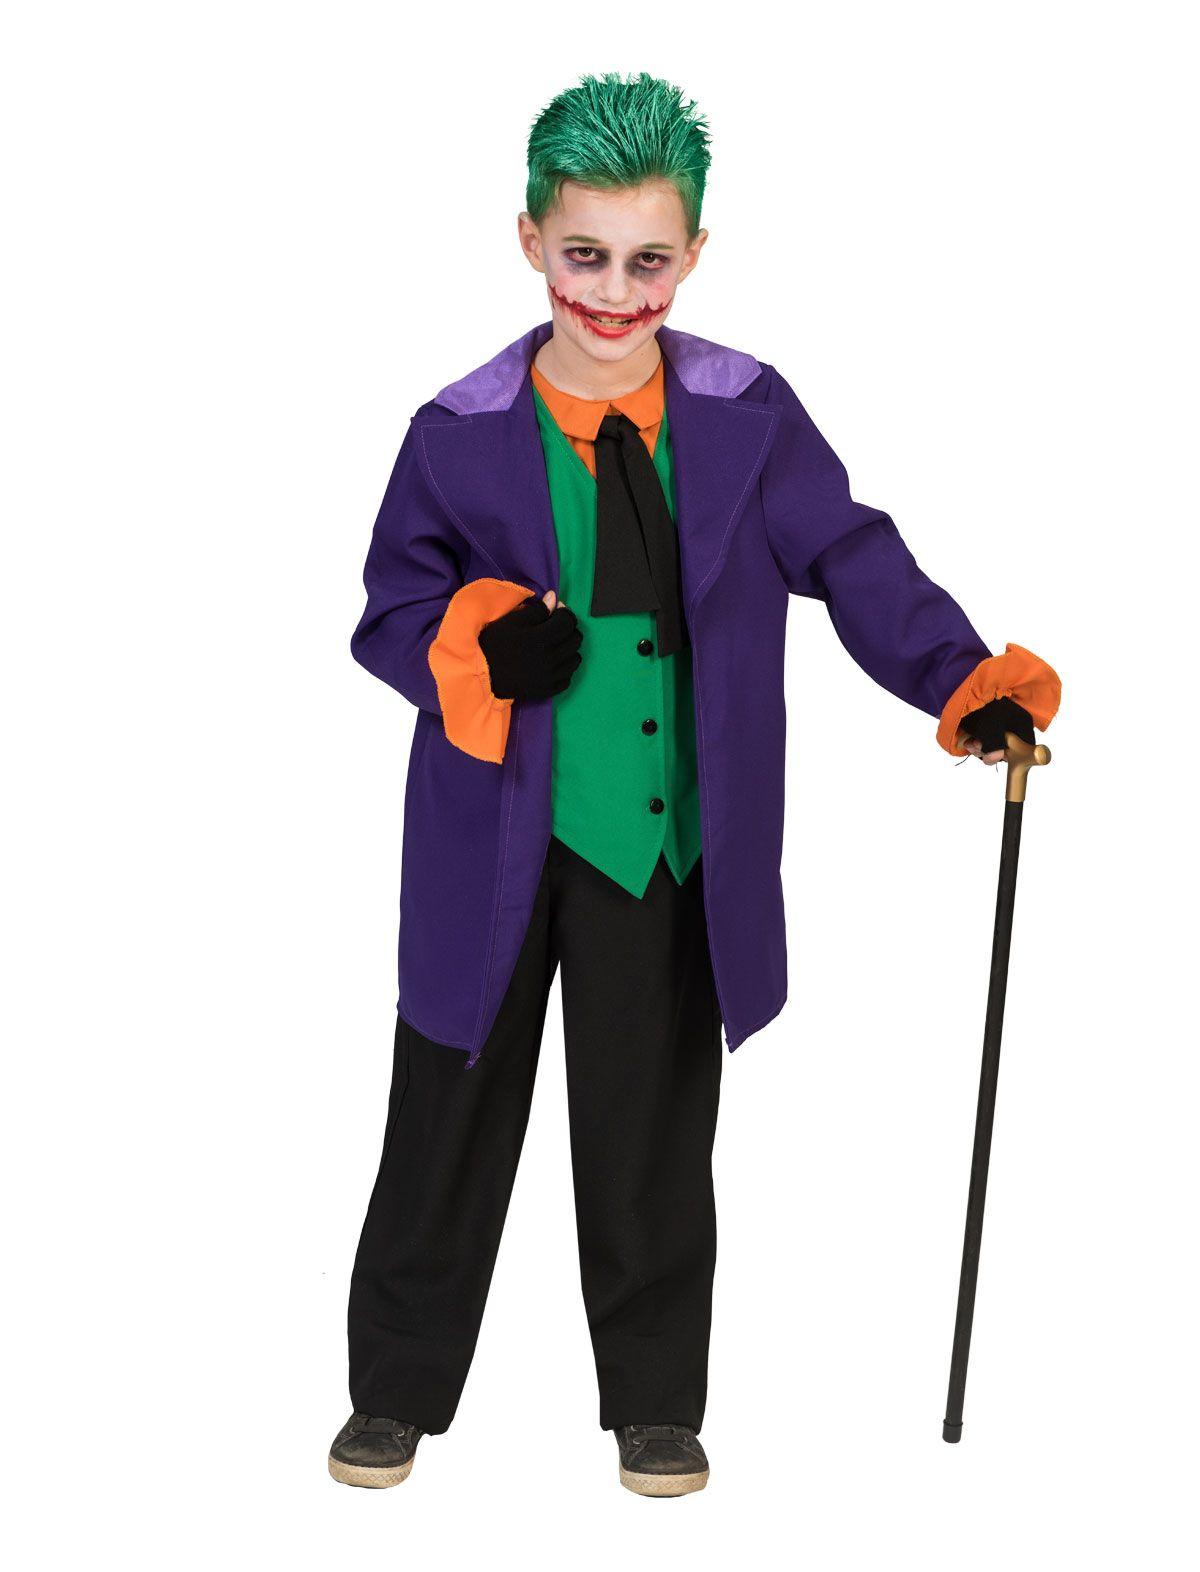 996ddf20917 Joker kostume til børn - Køb nu - Bergdahls Festbutik